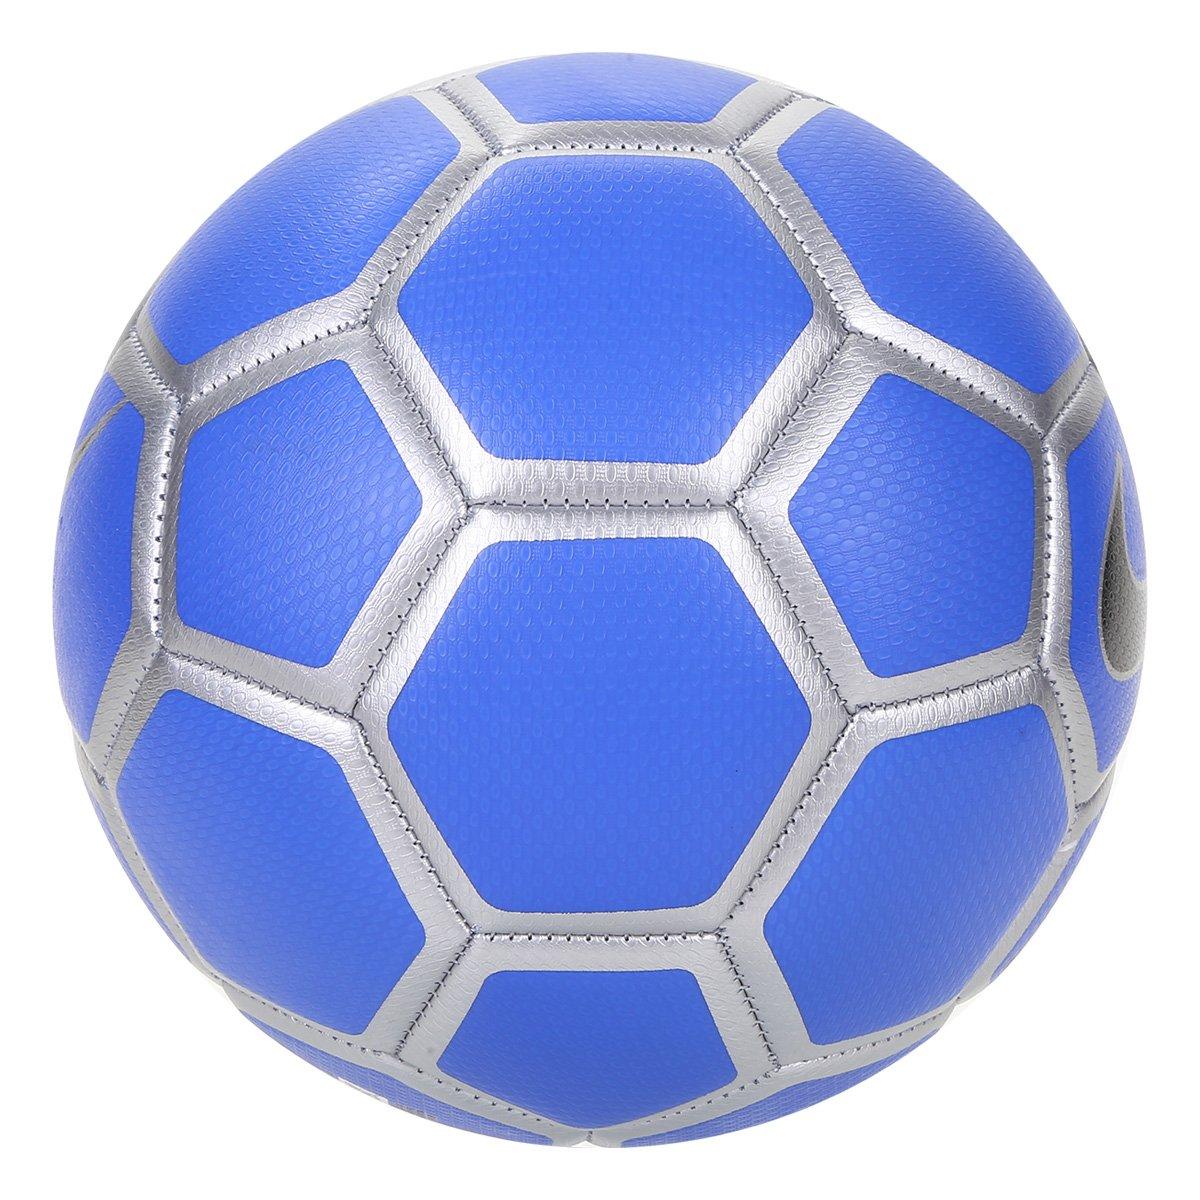 Bola Futsal Nike FootballX Menor - Azul - Compre Agora  85de50b5654a8